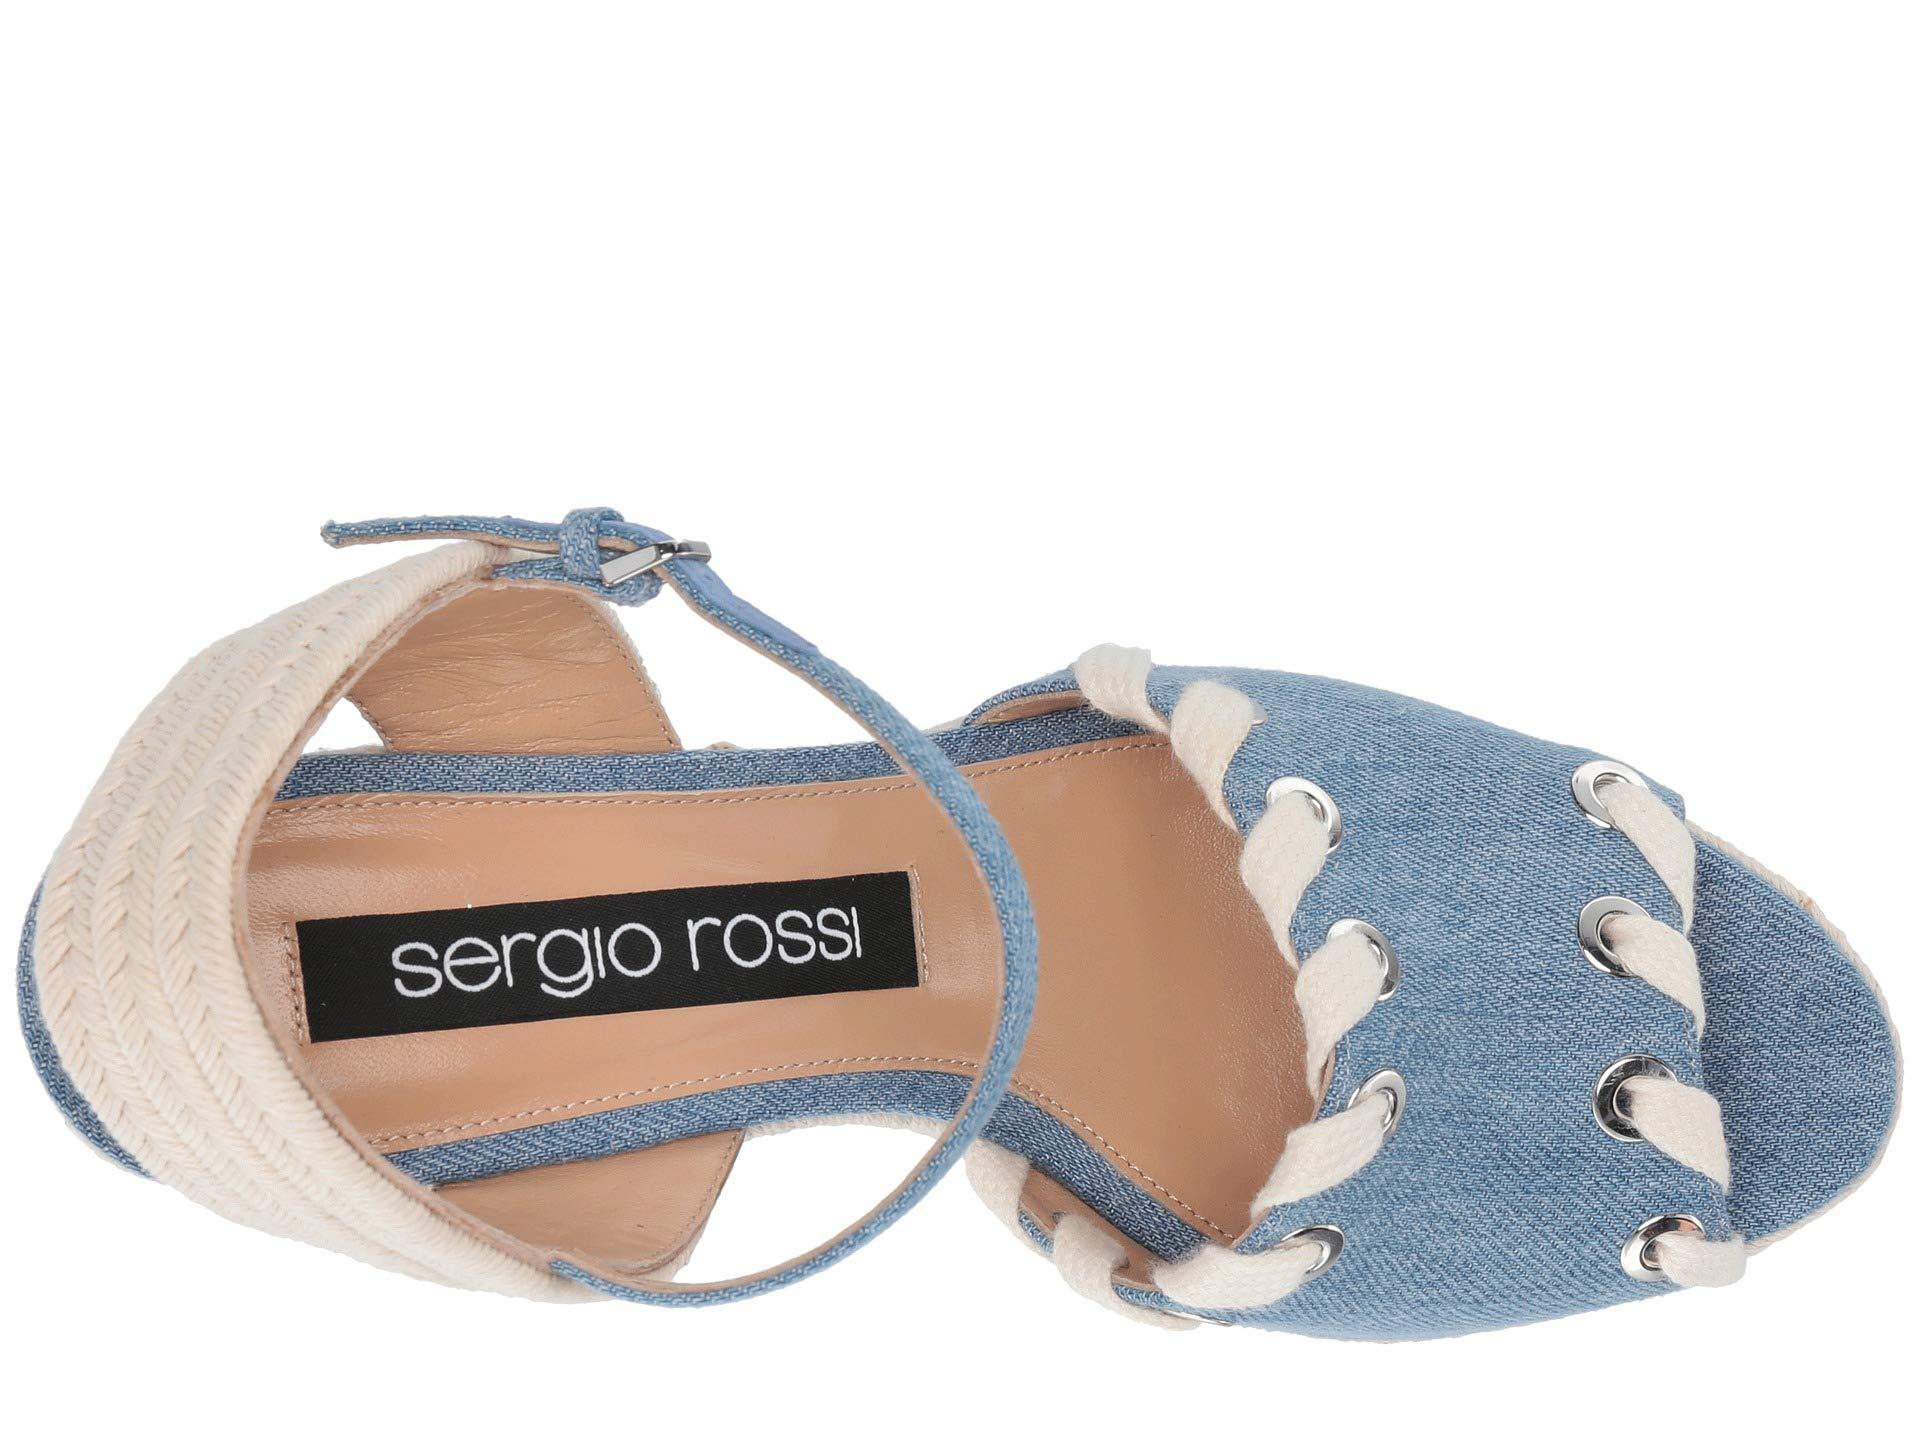 Sergio Rossi Var Blue Fabric A84080 mfn540 Denim rr7wxg